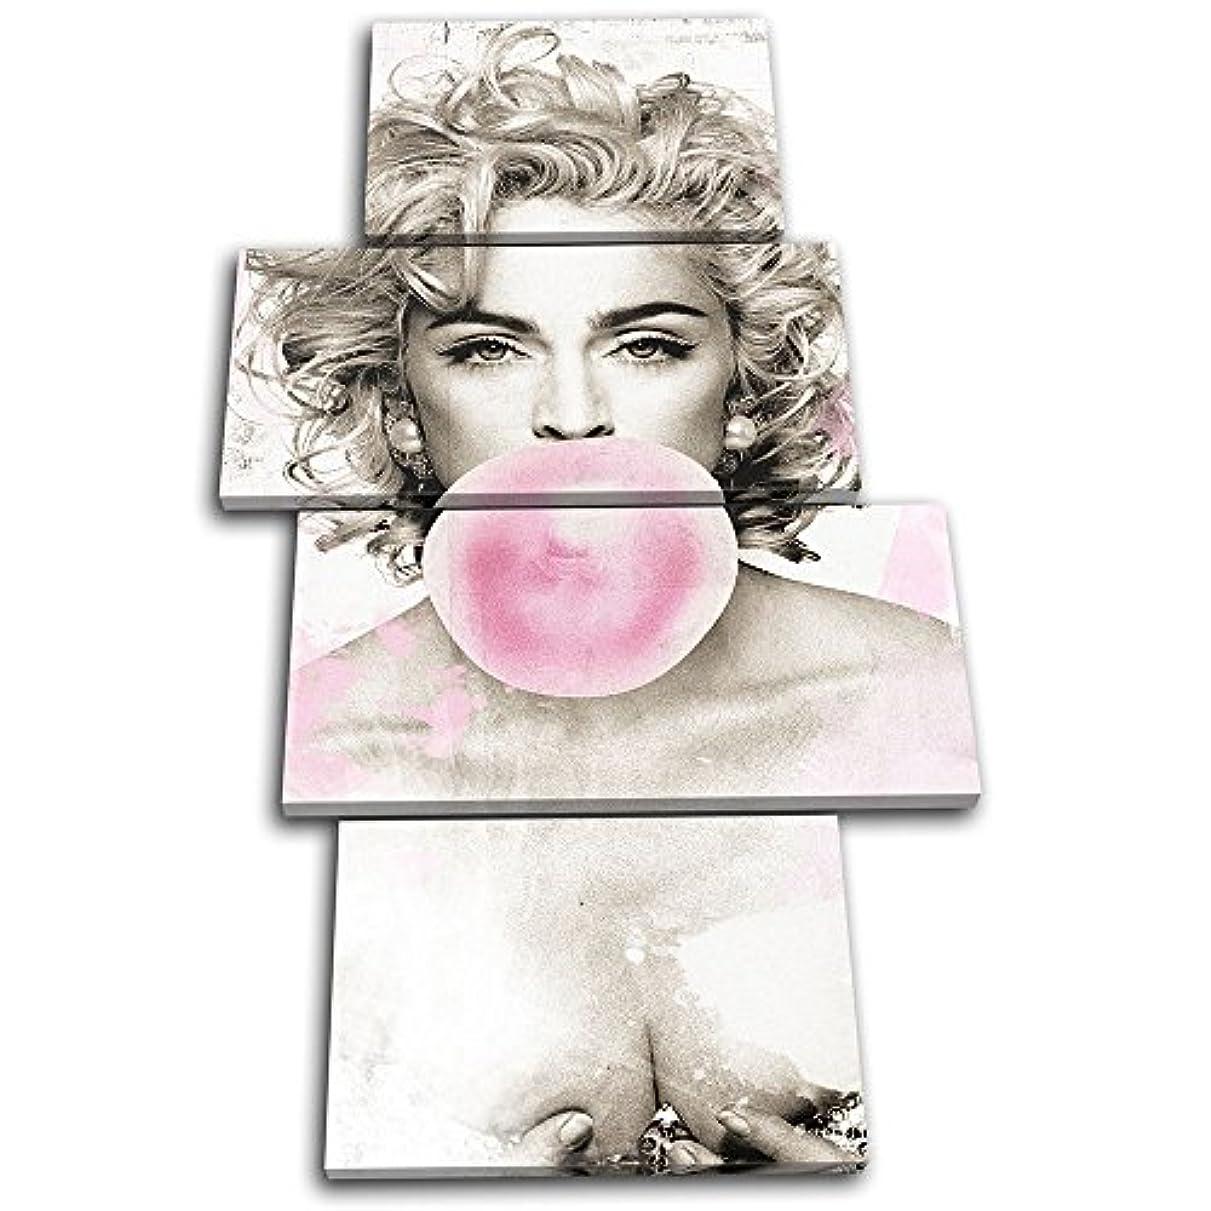 物理焦がす気味の悪い太字ブロックデザイン – Madonna PopアートIconic Celebritiesマルチキャンバスアートプリントボックスフレーム壁吊り下げ – Hand Made In The UK – Framed and ready to hang (B) 120x68cm 13-7317(00B)-MP04-PO-B